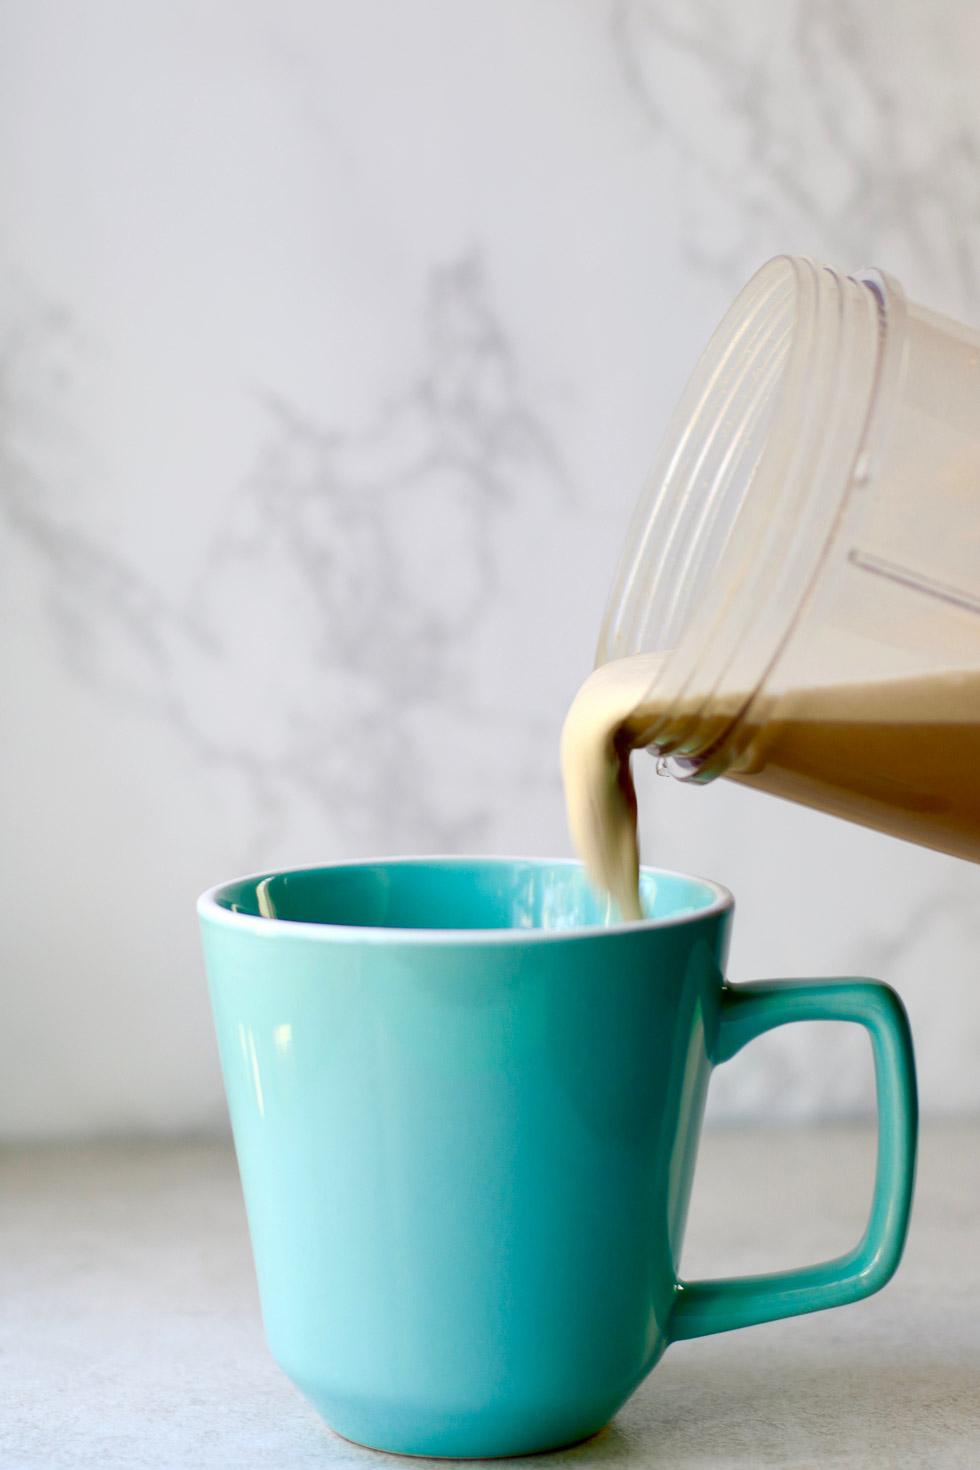 pouring cashew coffee into a blue mug